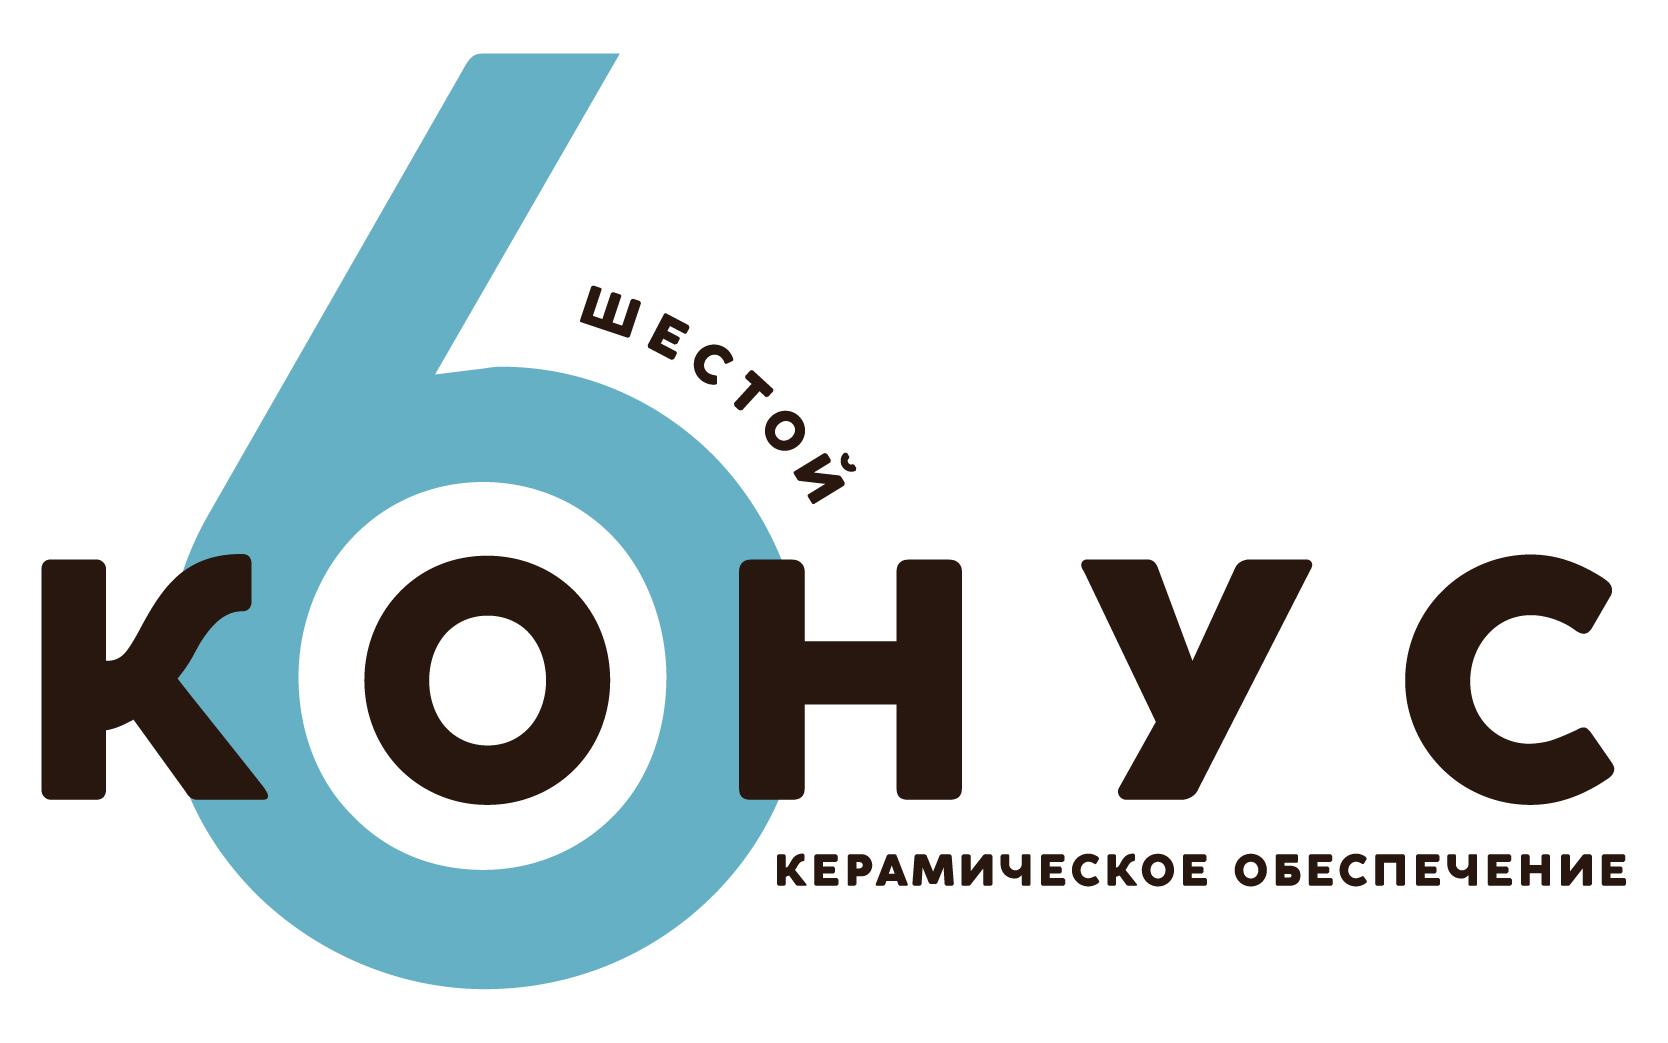 6konus logo